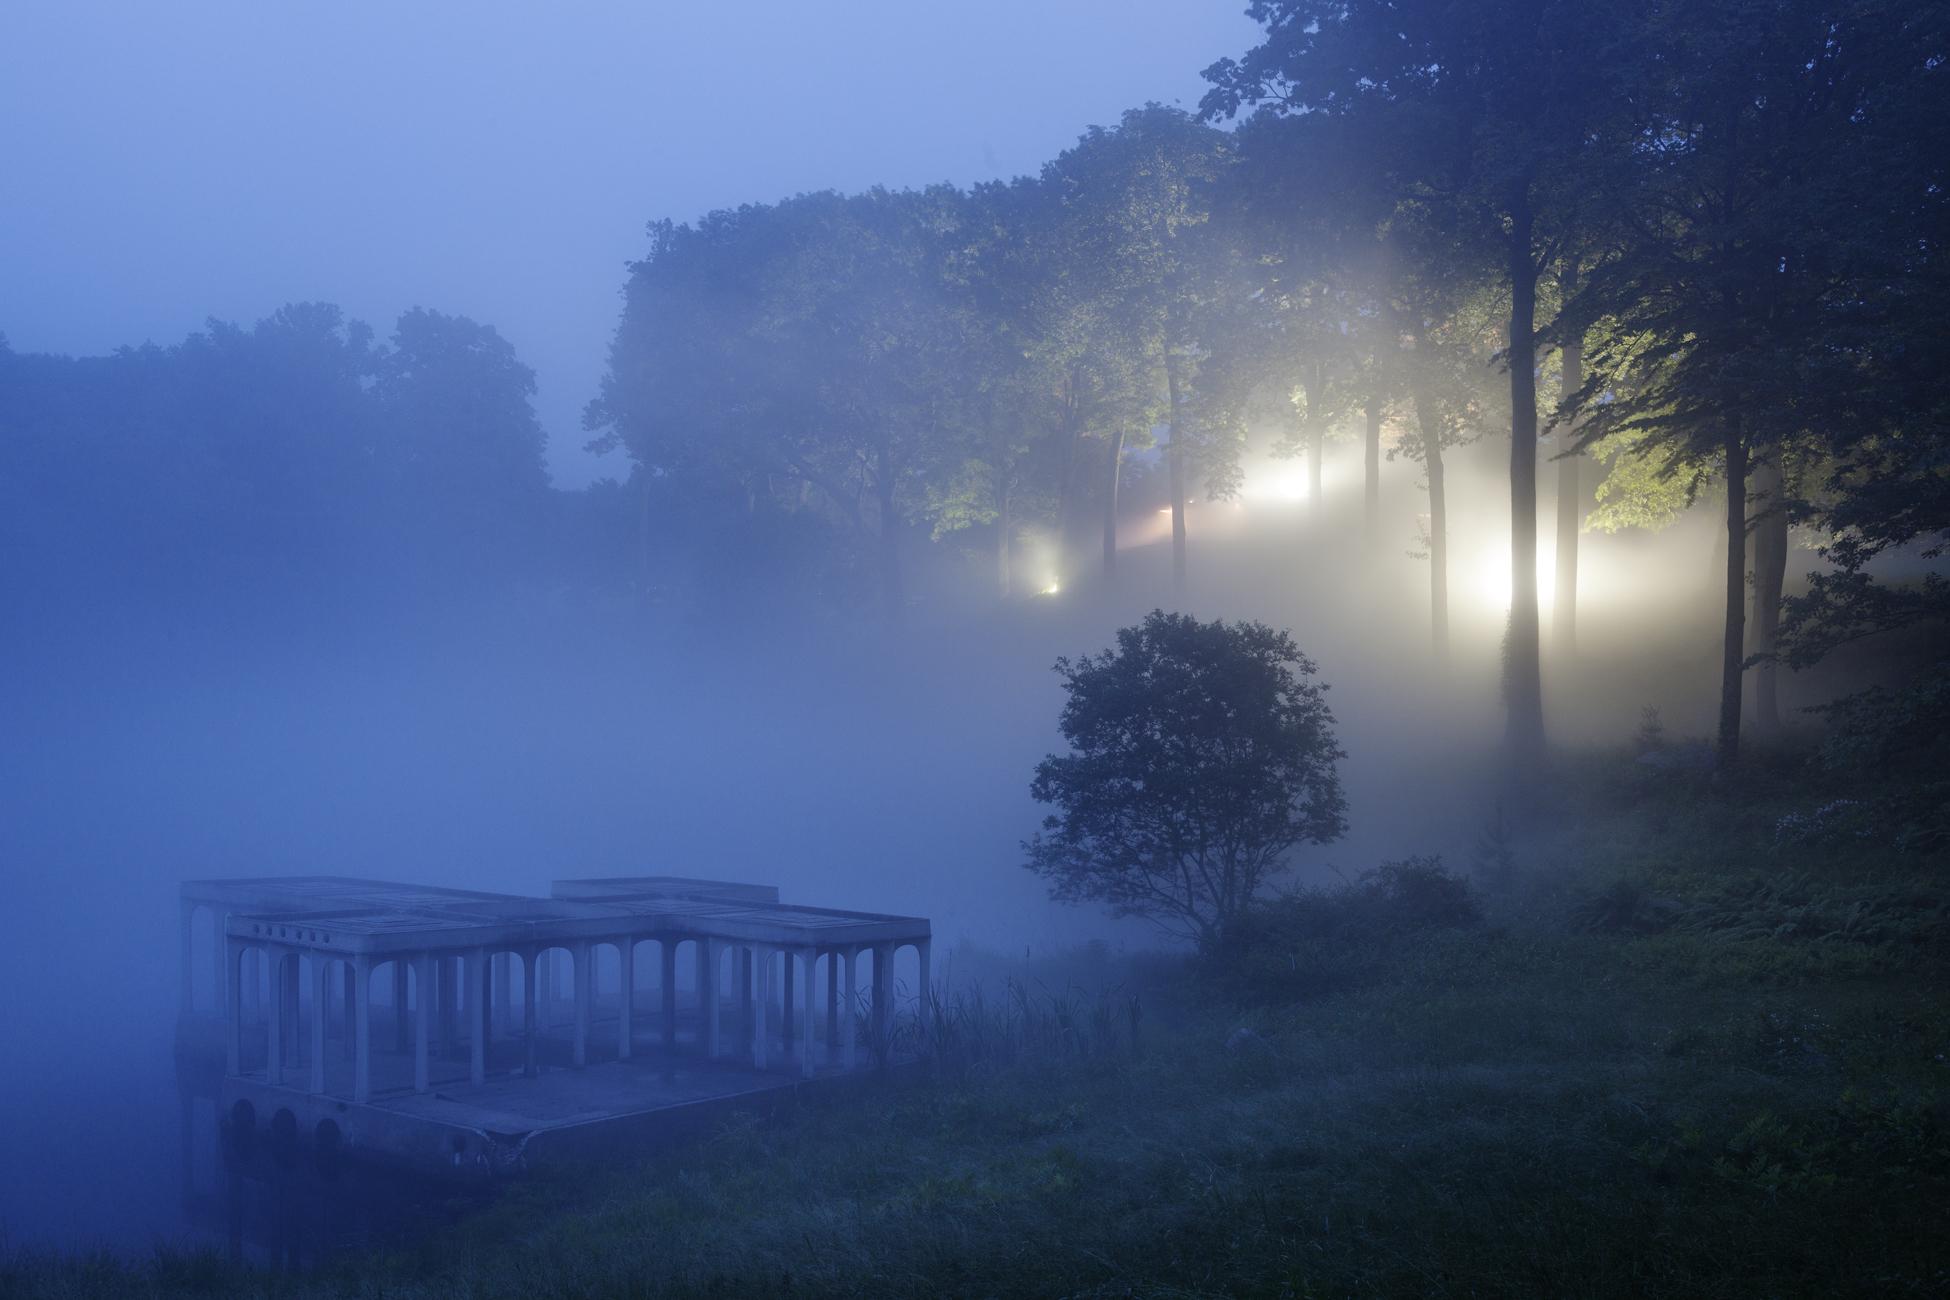 GlassHouse_Fog_275.jpg